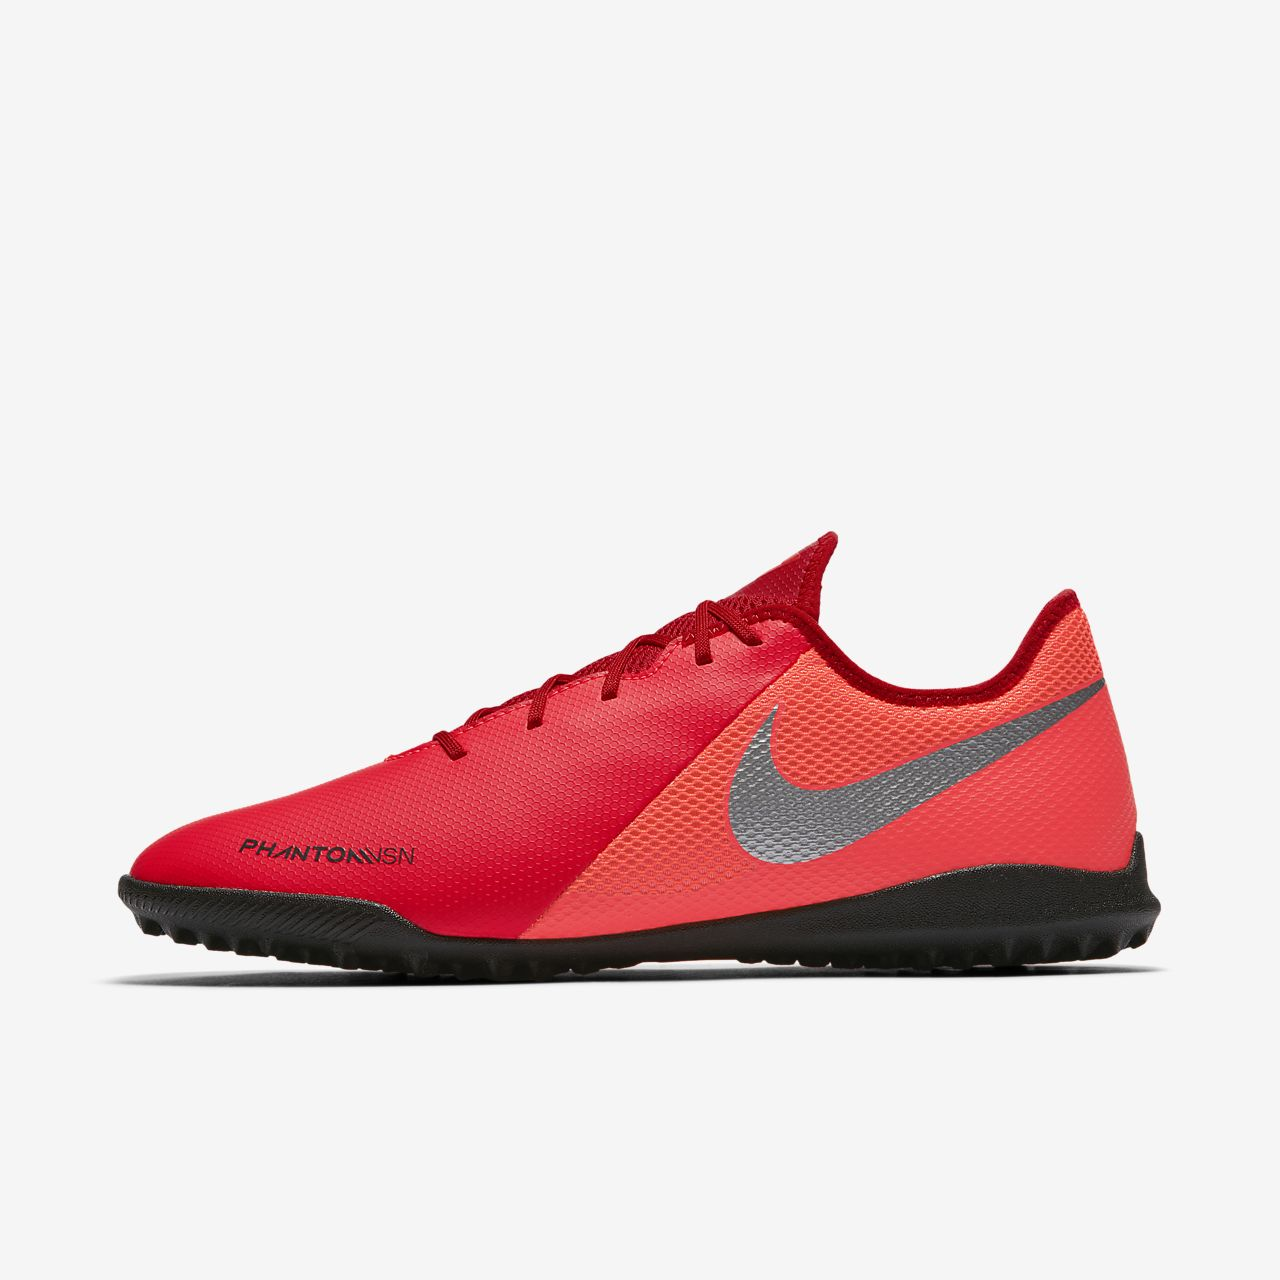 Nike Phantom Vision Academy Voetbalschoen (turf)